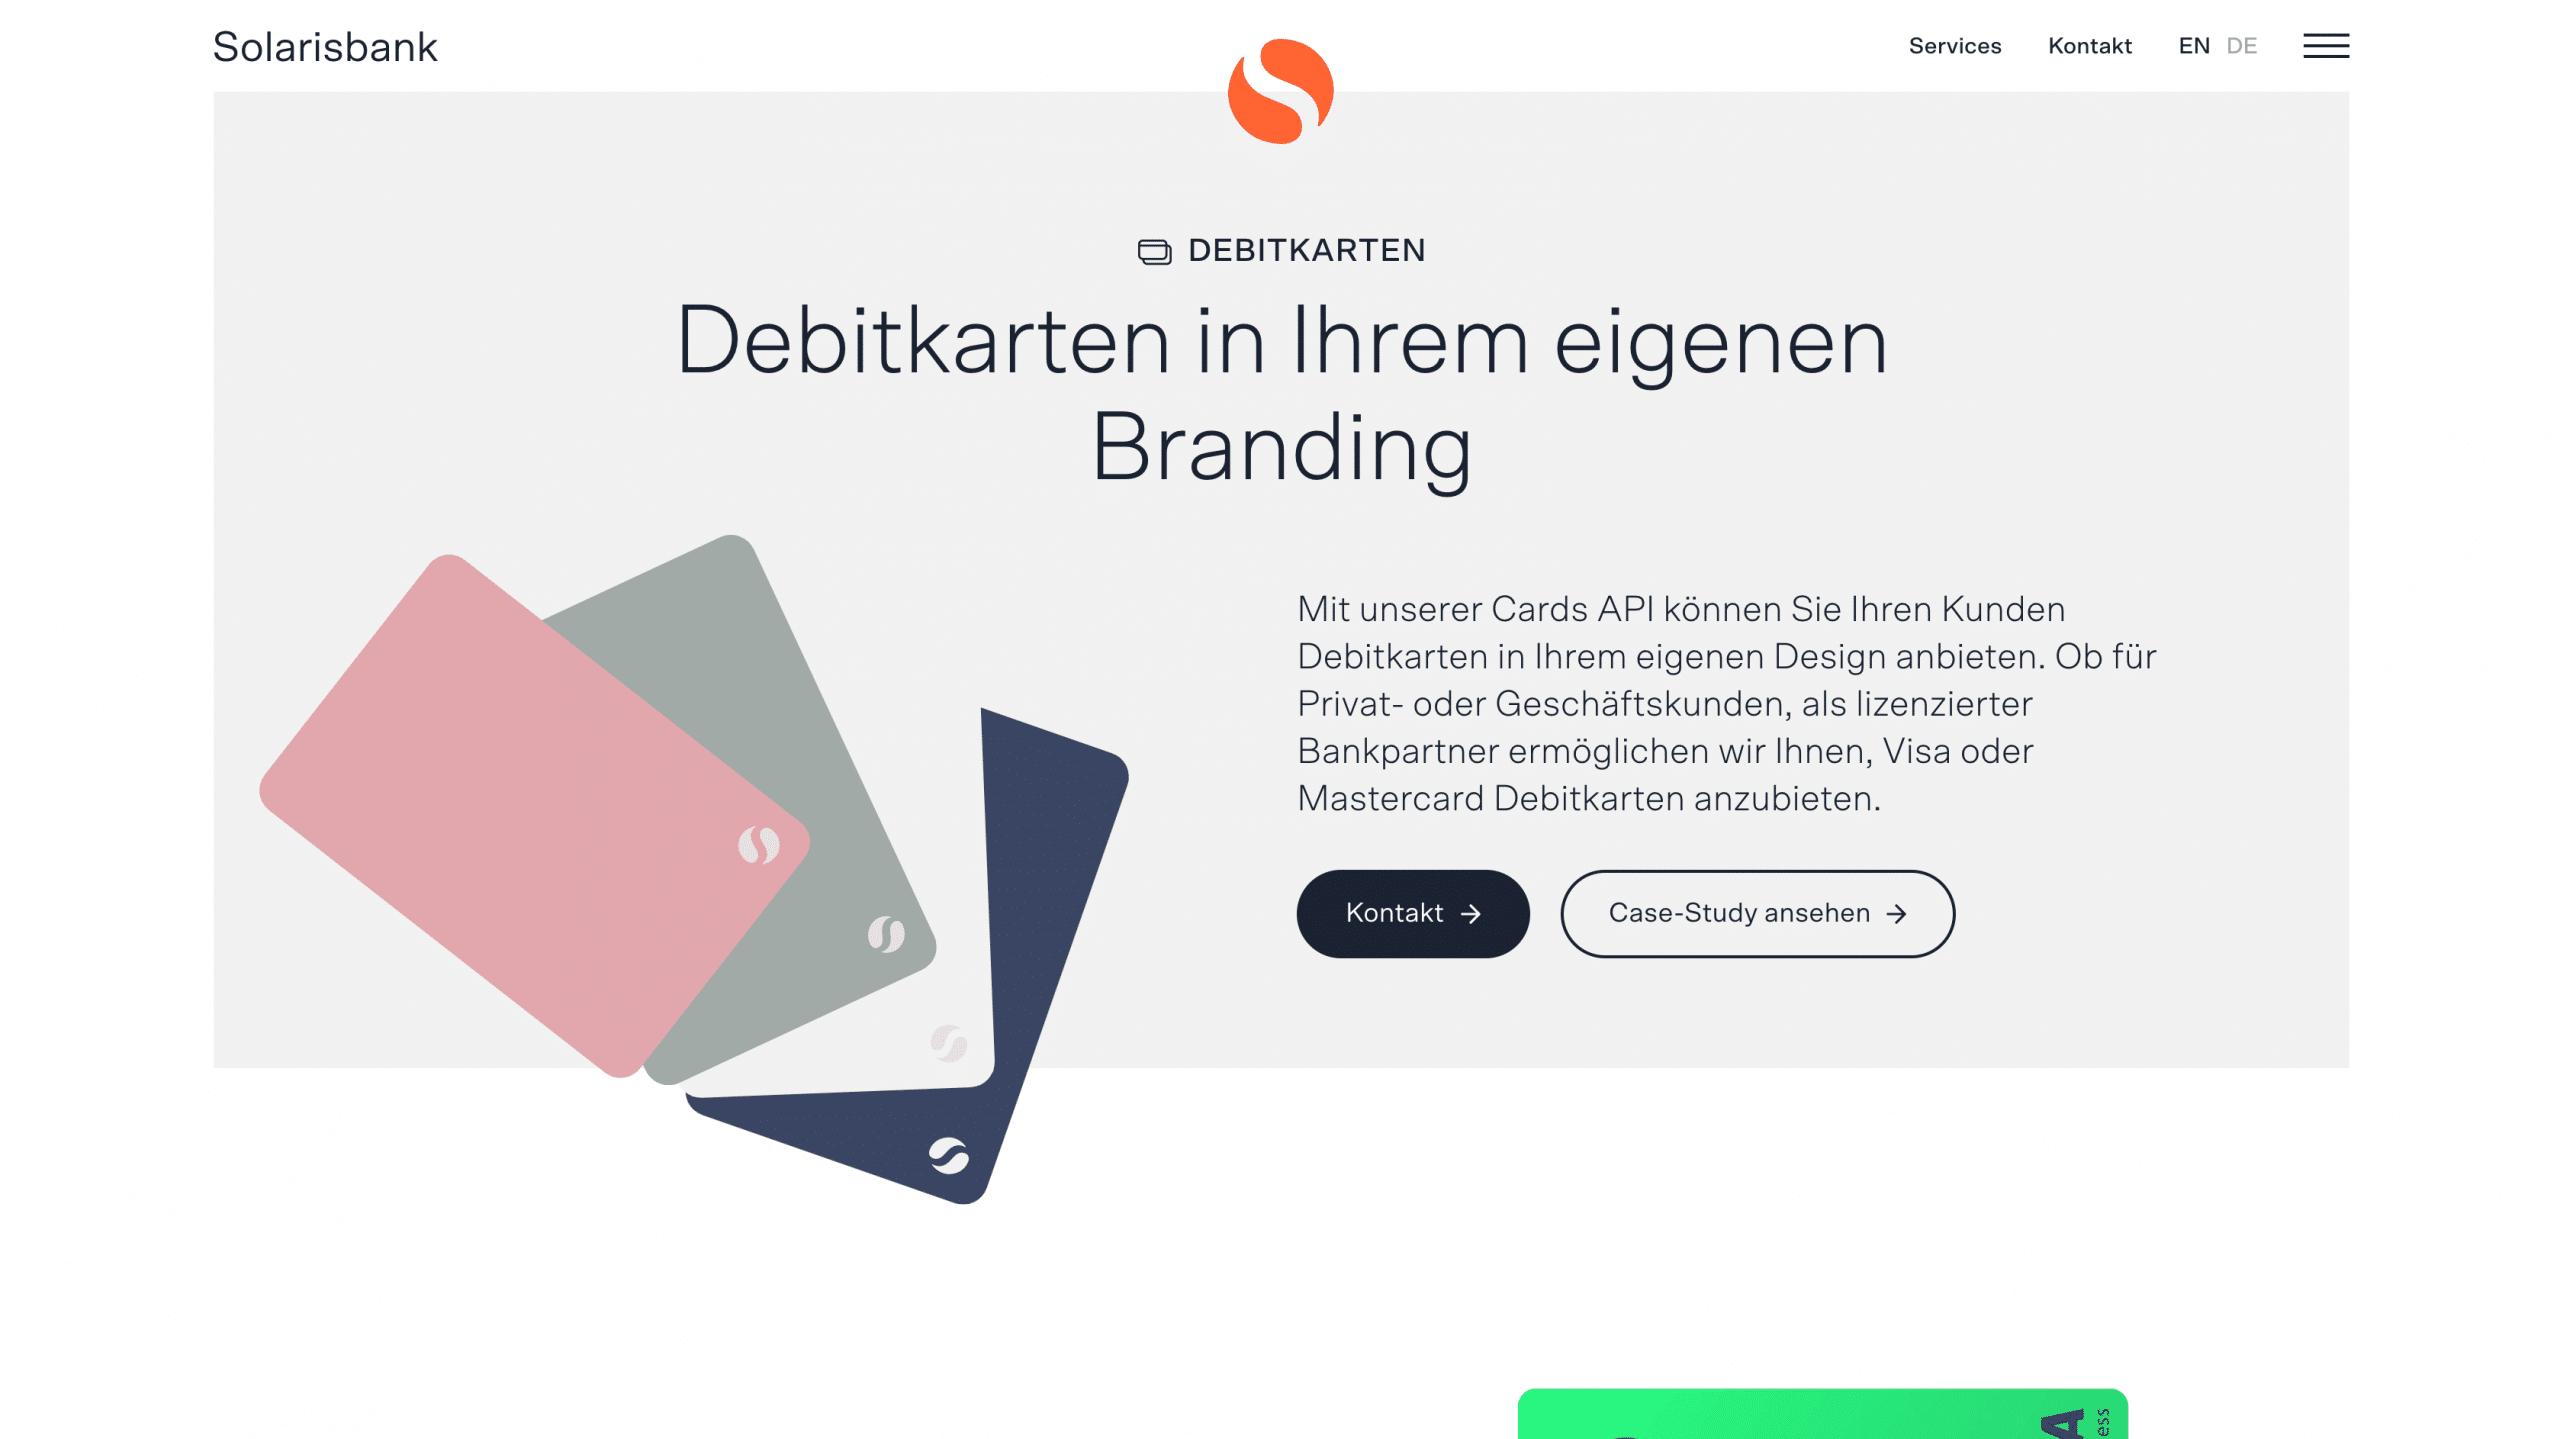 Solarisbank Debitkarten